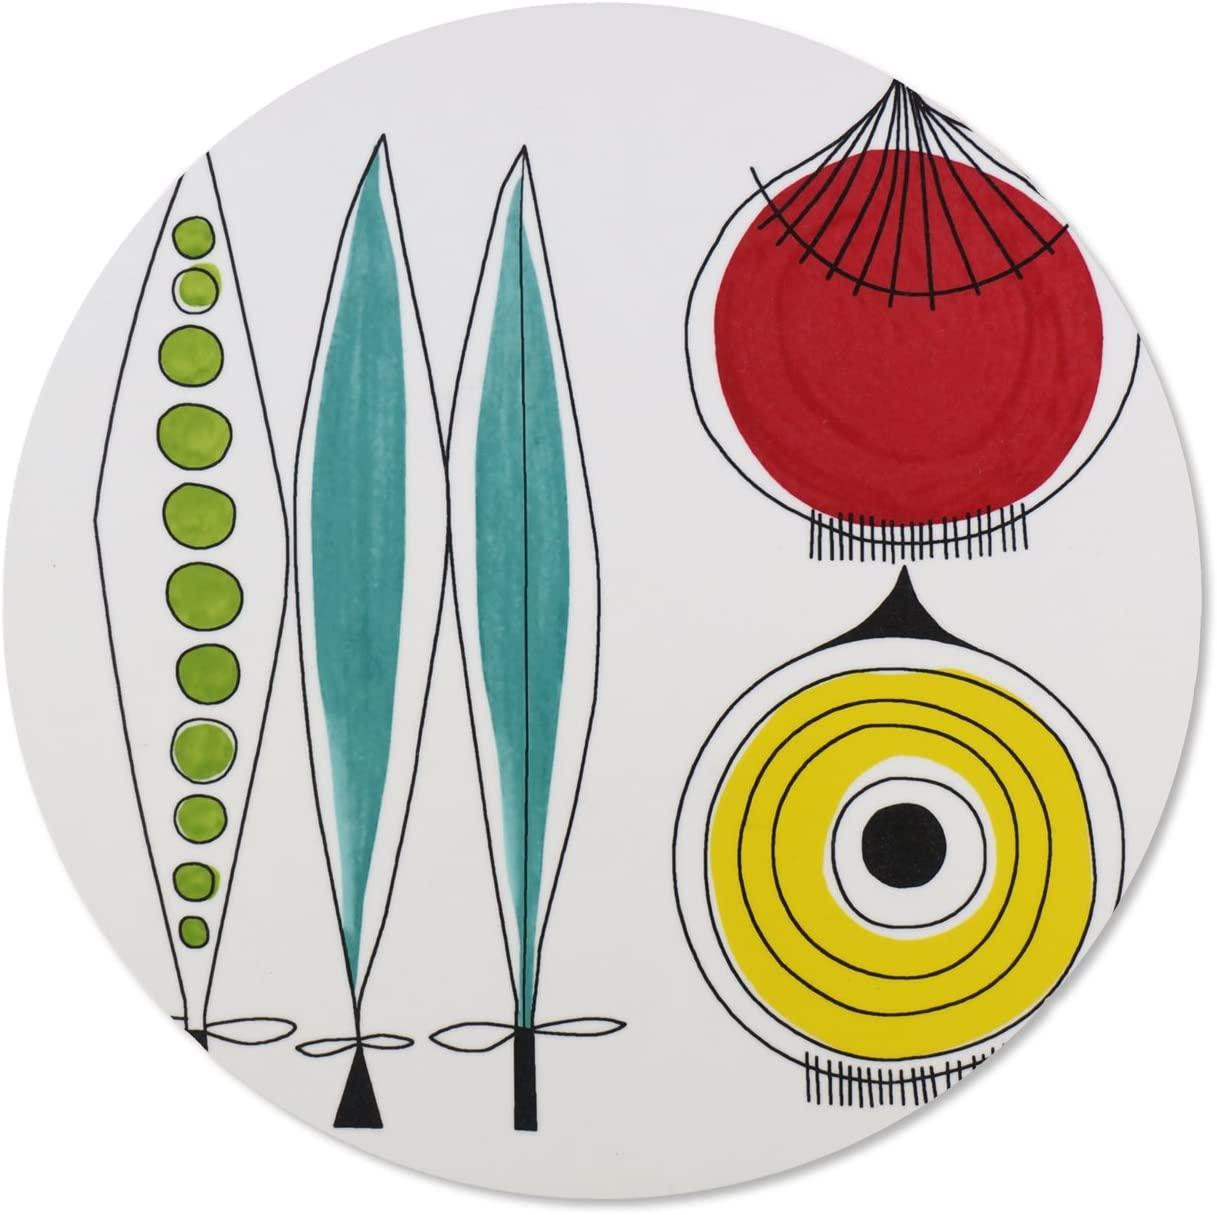 almedahls(アルメダールス) ポットスタンド Picknick 直径21cmの商品画像